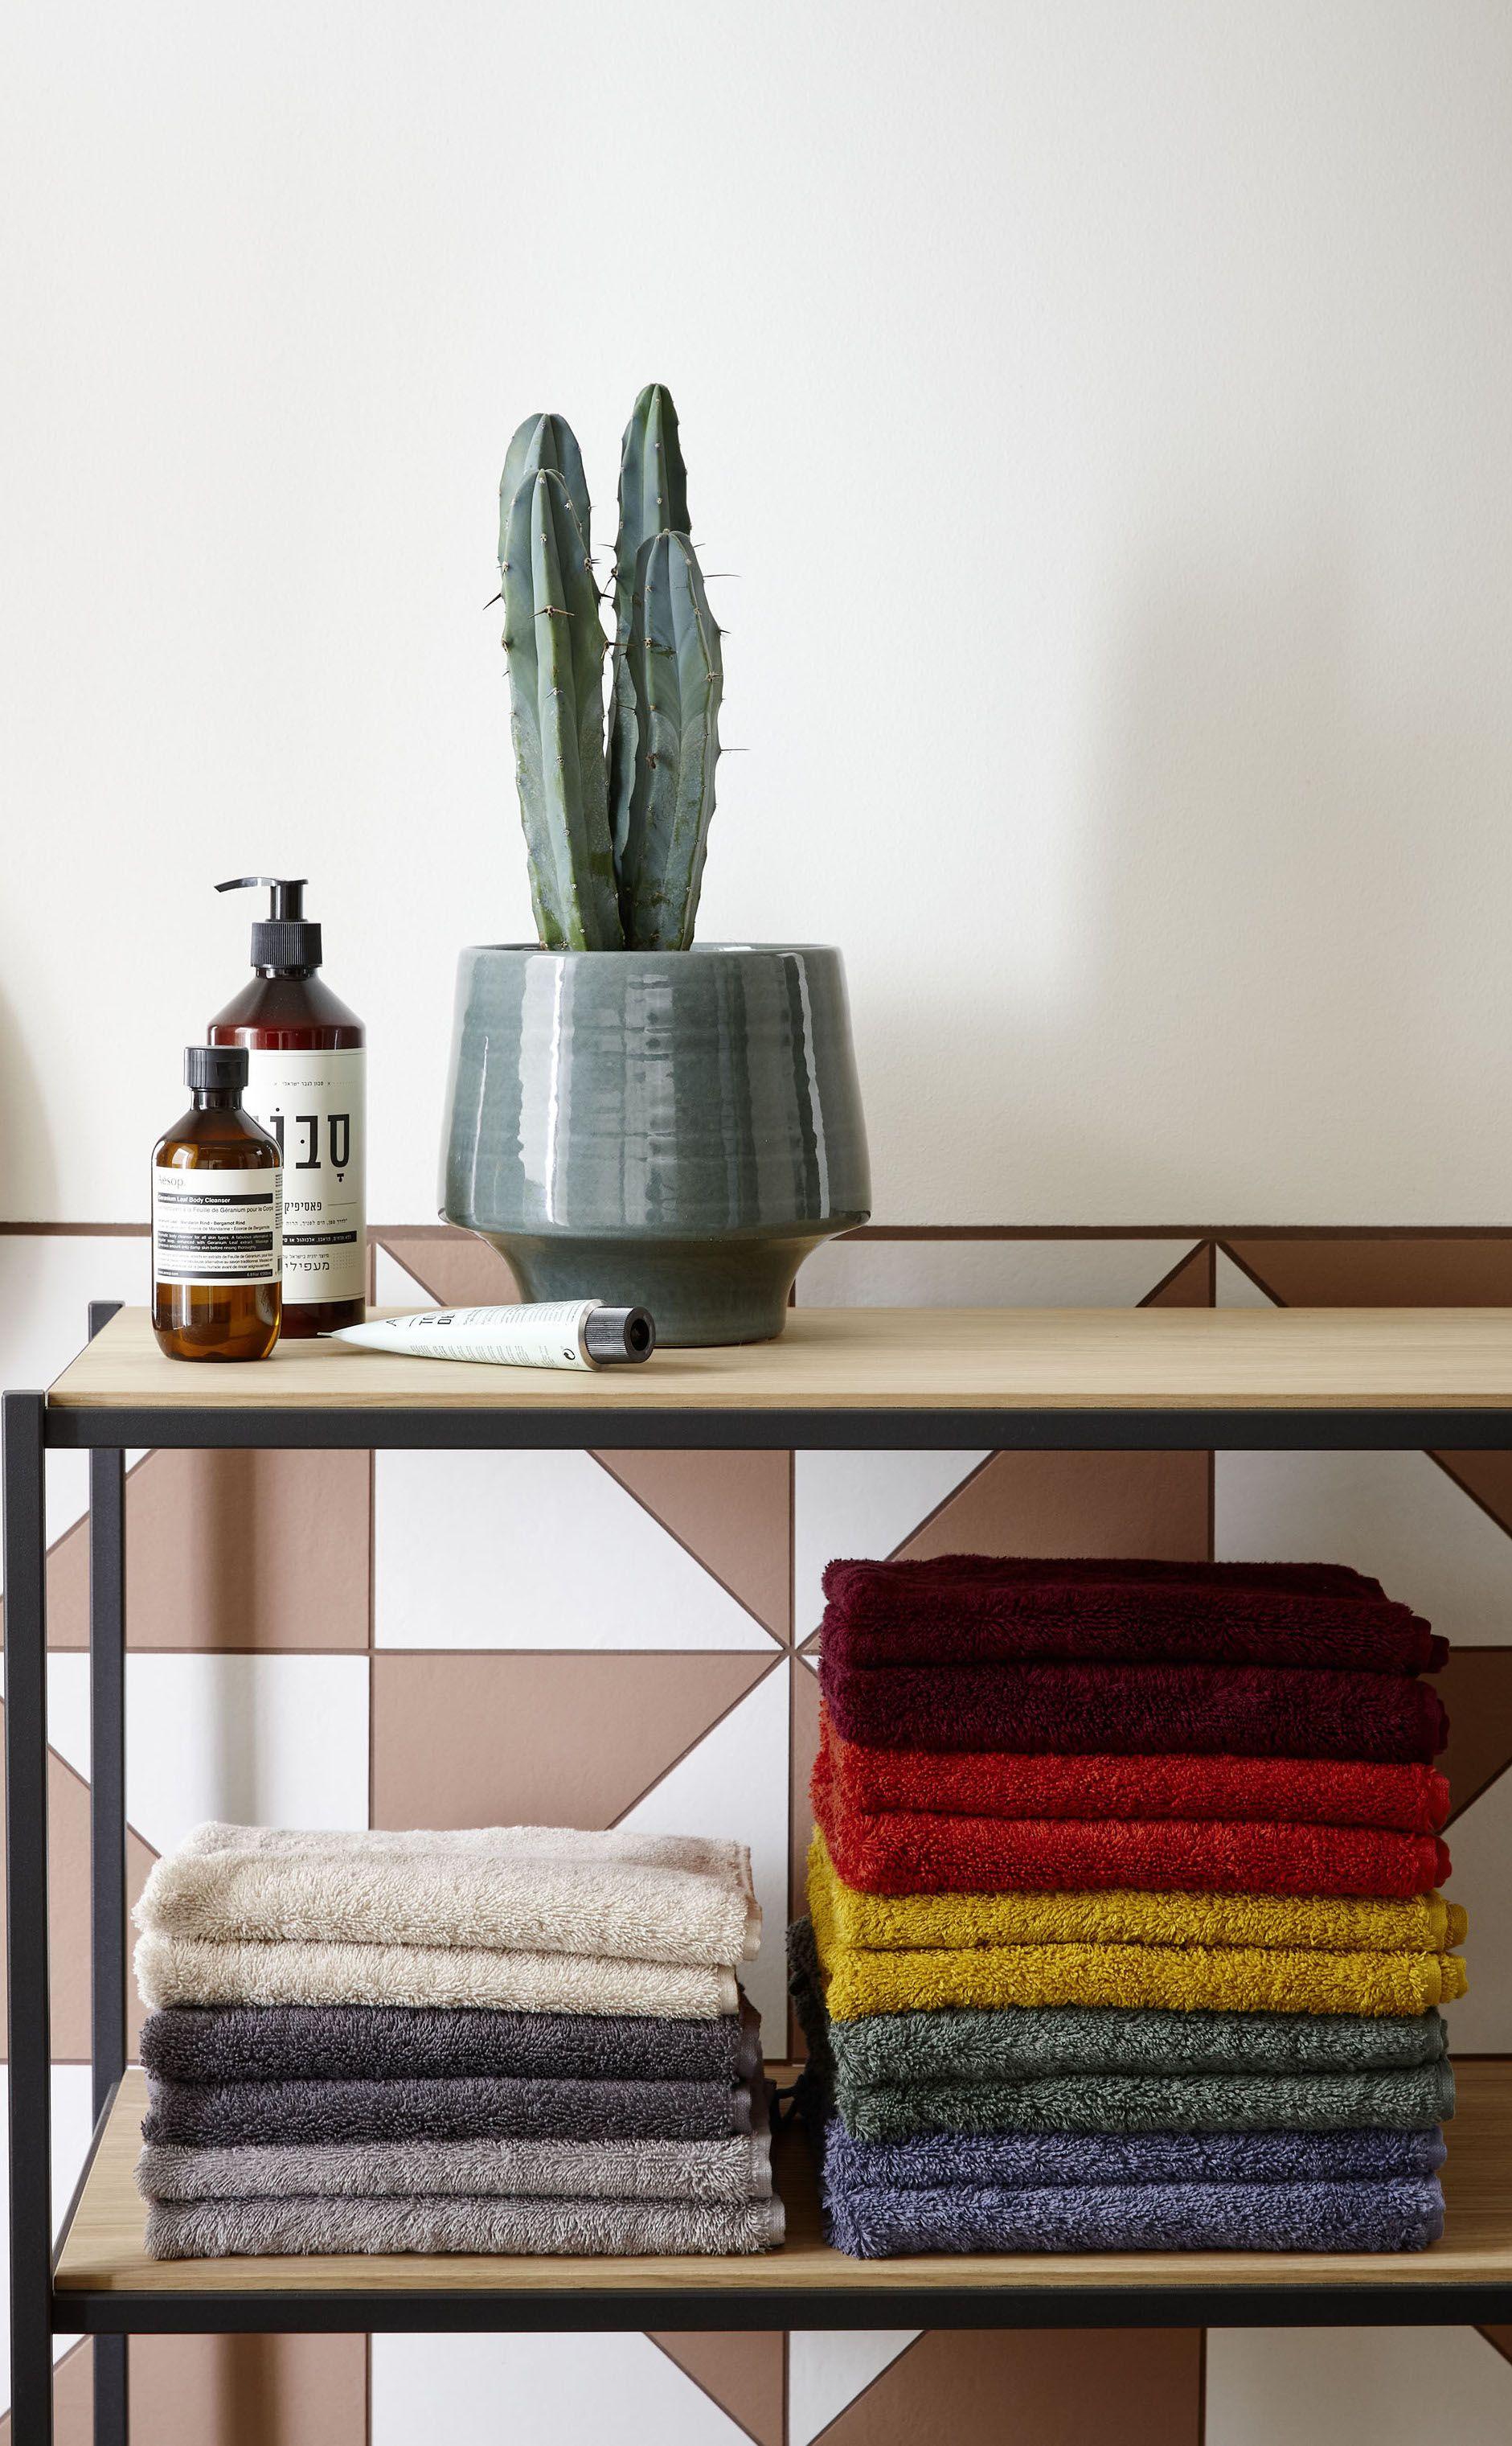 Bunte Handtucher Badezimmer Idee Schoner Wohnen Kollektion Handtuch Cuddly In 2020 Schoner Wohnen Innenarchitektur Wohnen